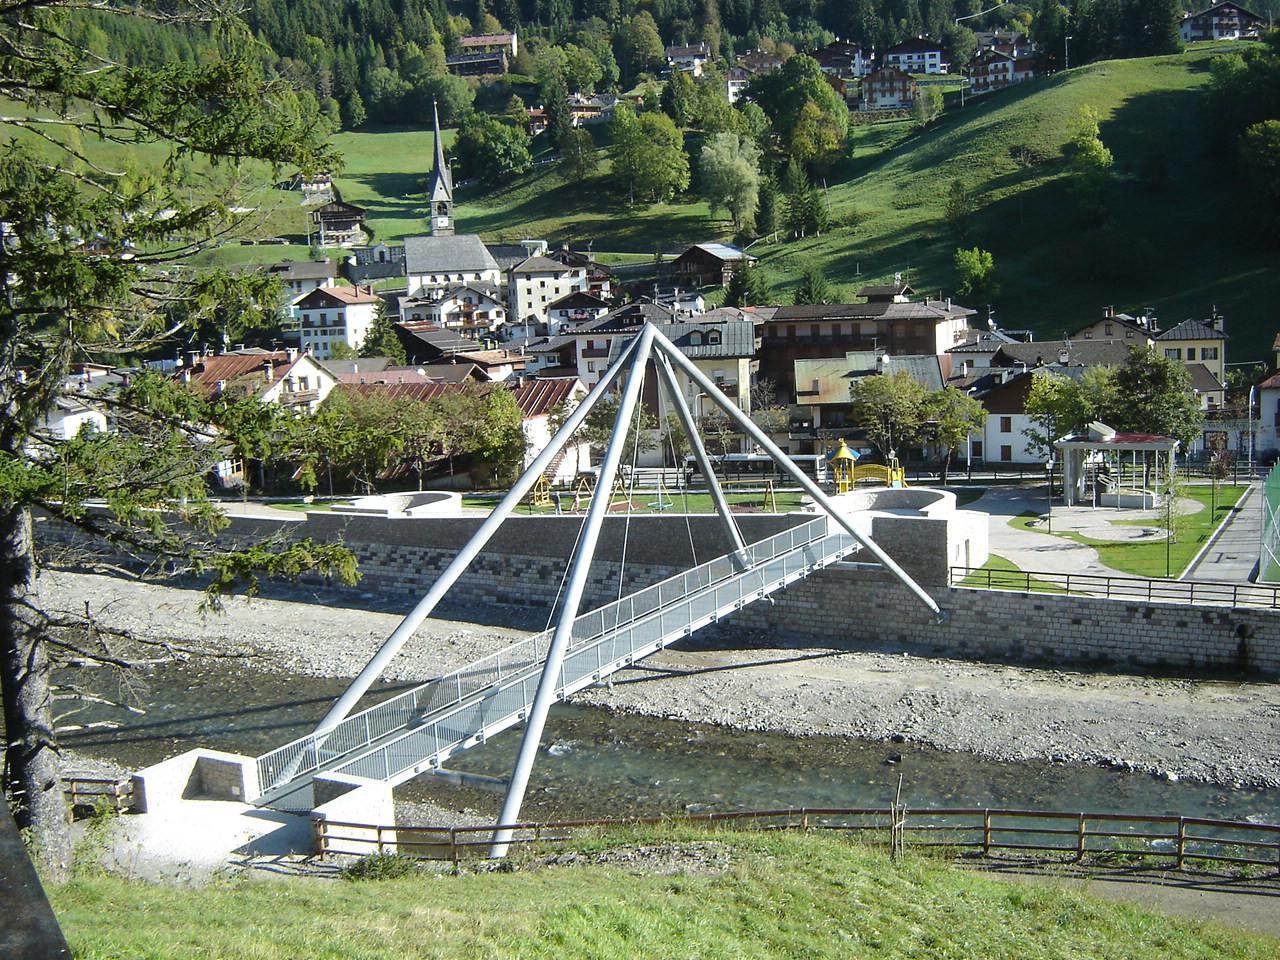 Progetto di costruzione di una passerella ciclopedonale sul torrente Cordevole a Caprile